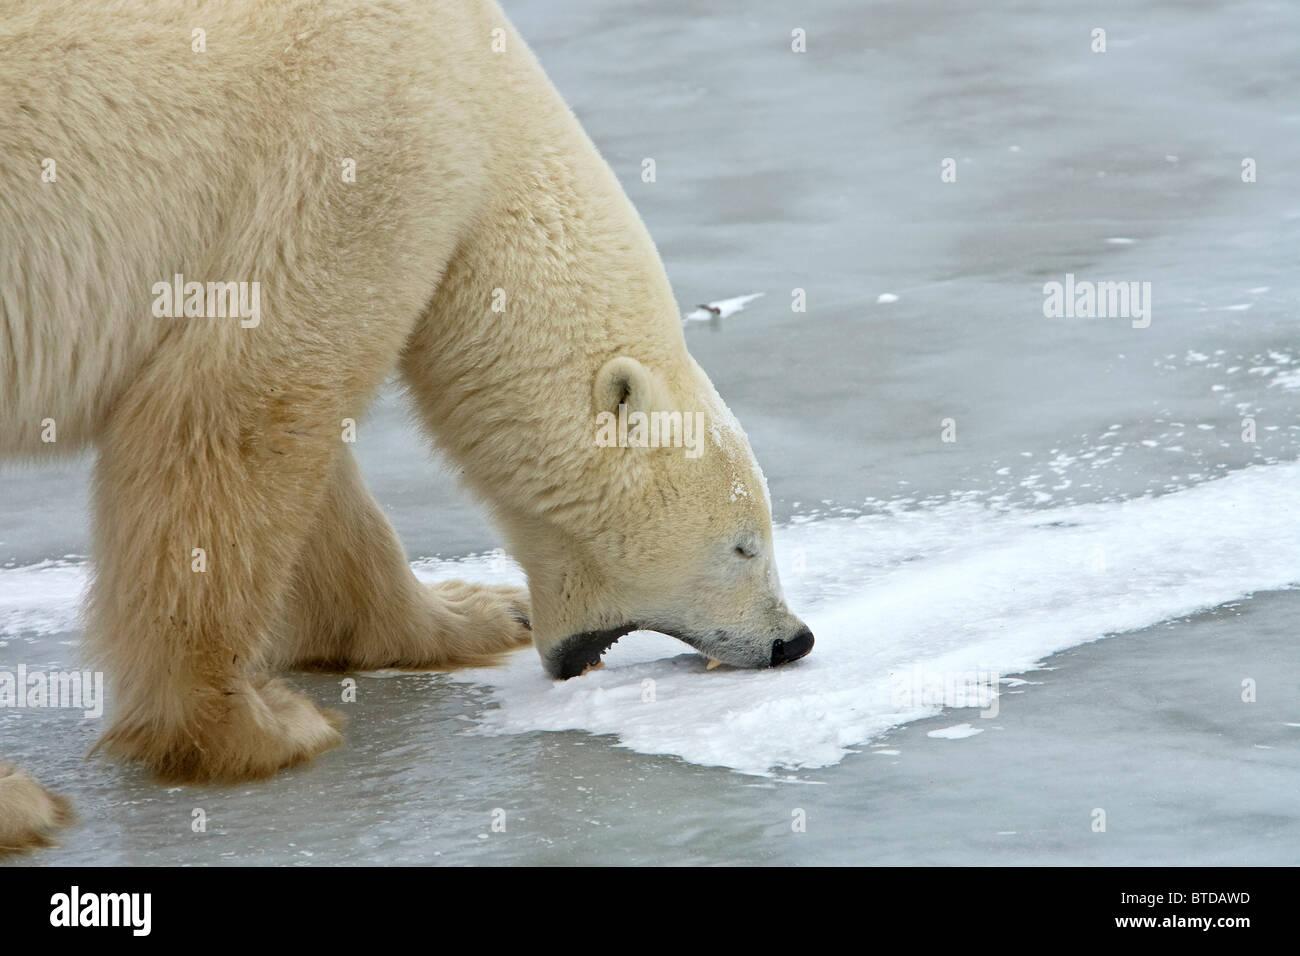 Un maschio di orso polare prende un morso di ghiaccio mentre in piedi su un lago ghiacciato in Churchill, Manitoba, Immagini Stock